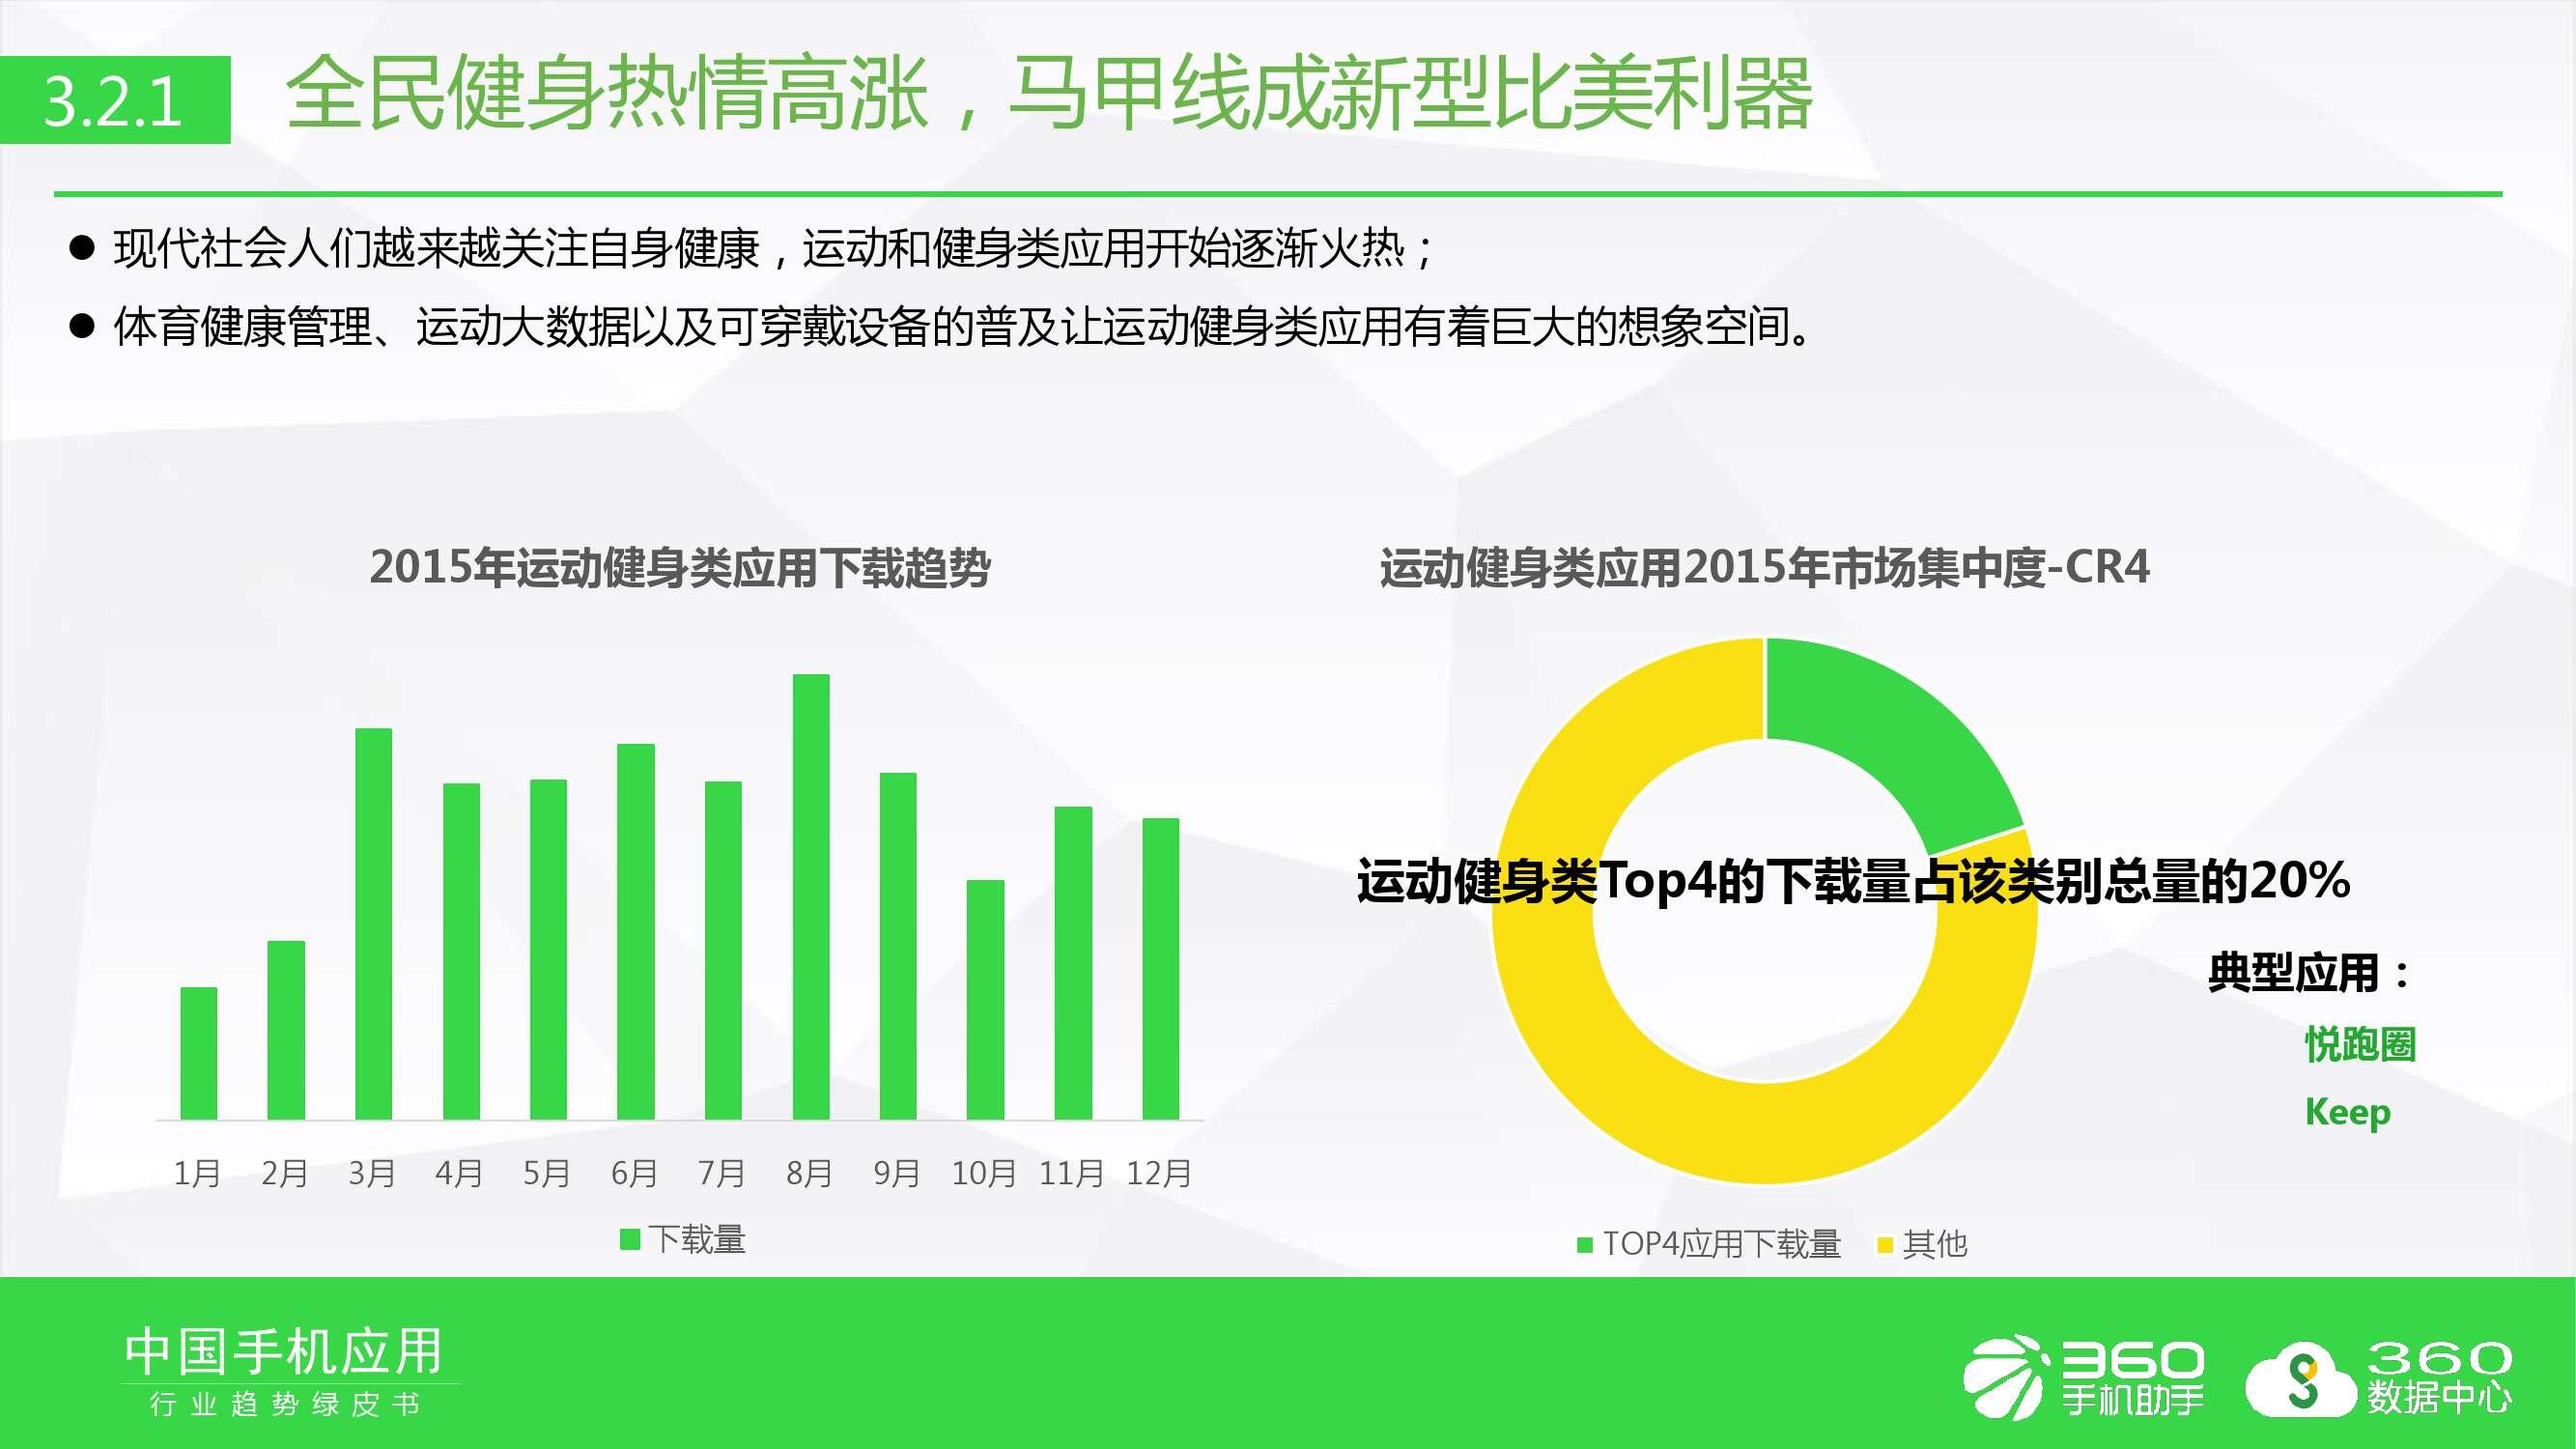 2016年手机软件行业趋势绿皮书_000028